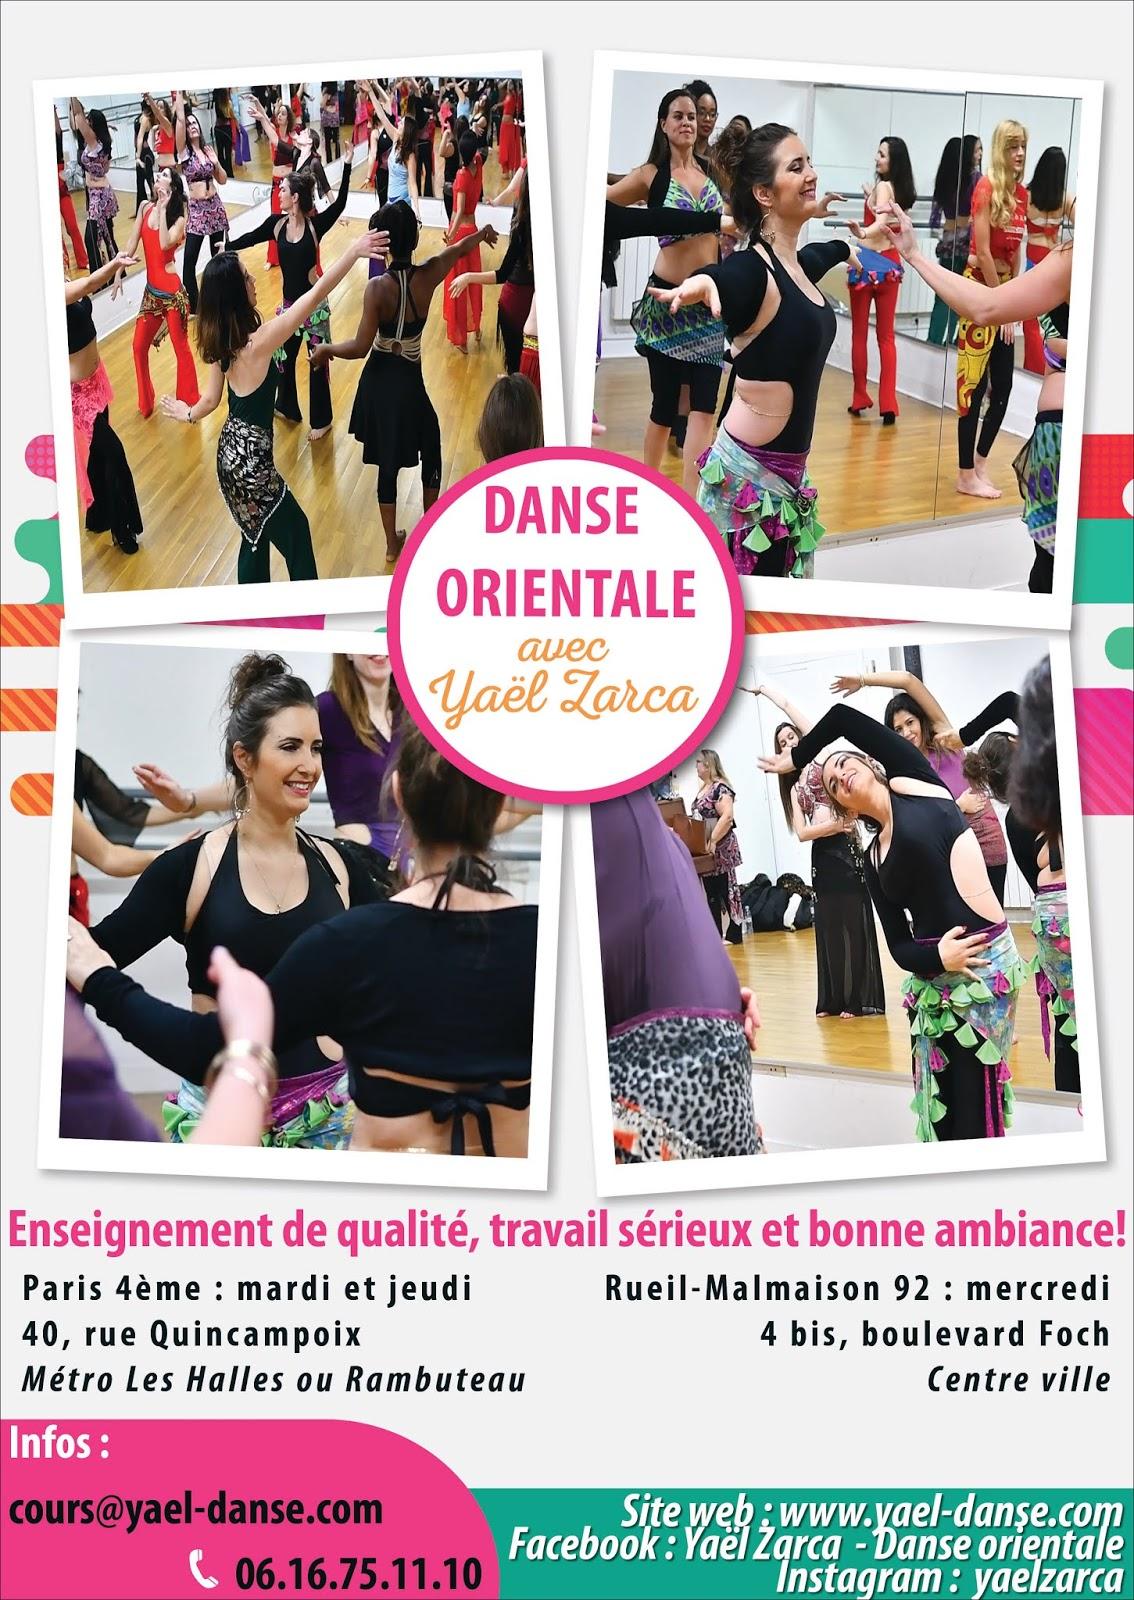 Yaël Zarca, danse orientale, Paris, danse du ventre, cours